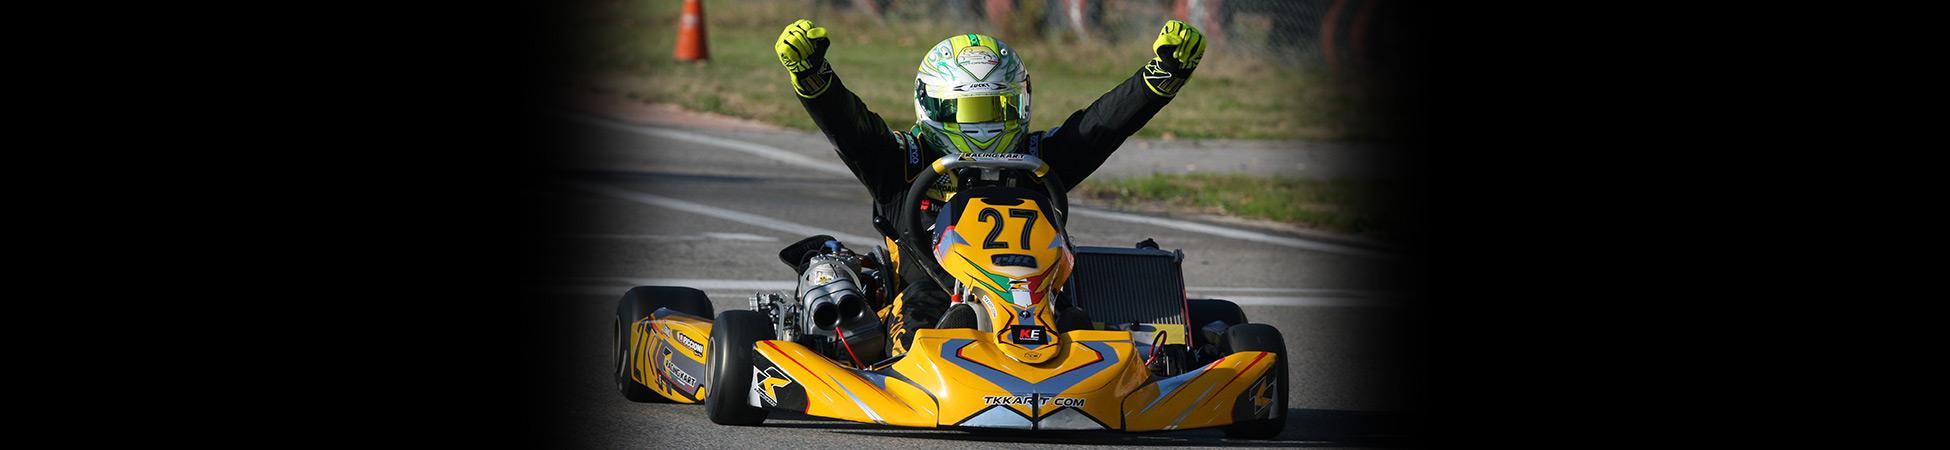 Antonio Piccioni TK Kart